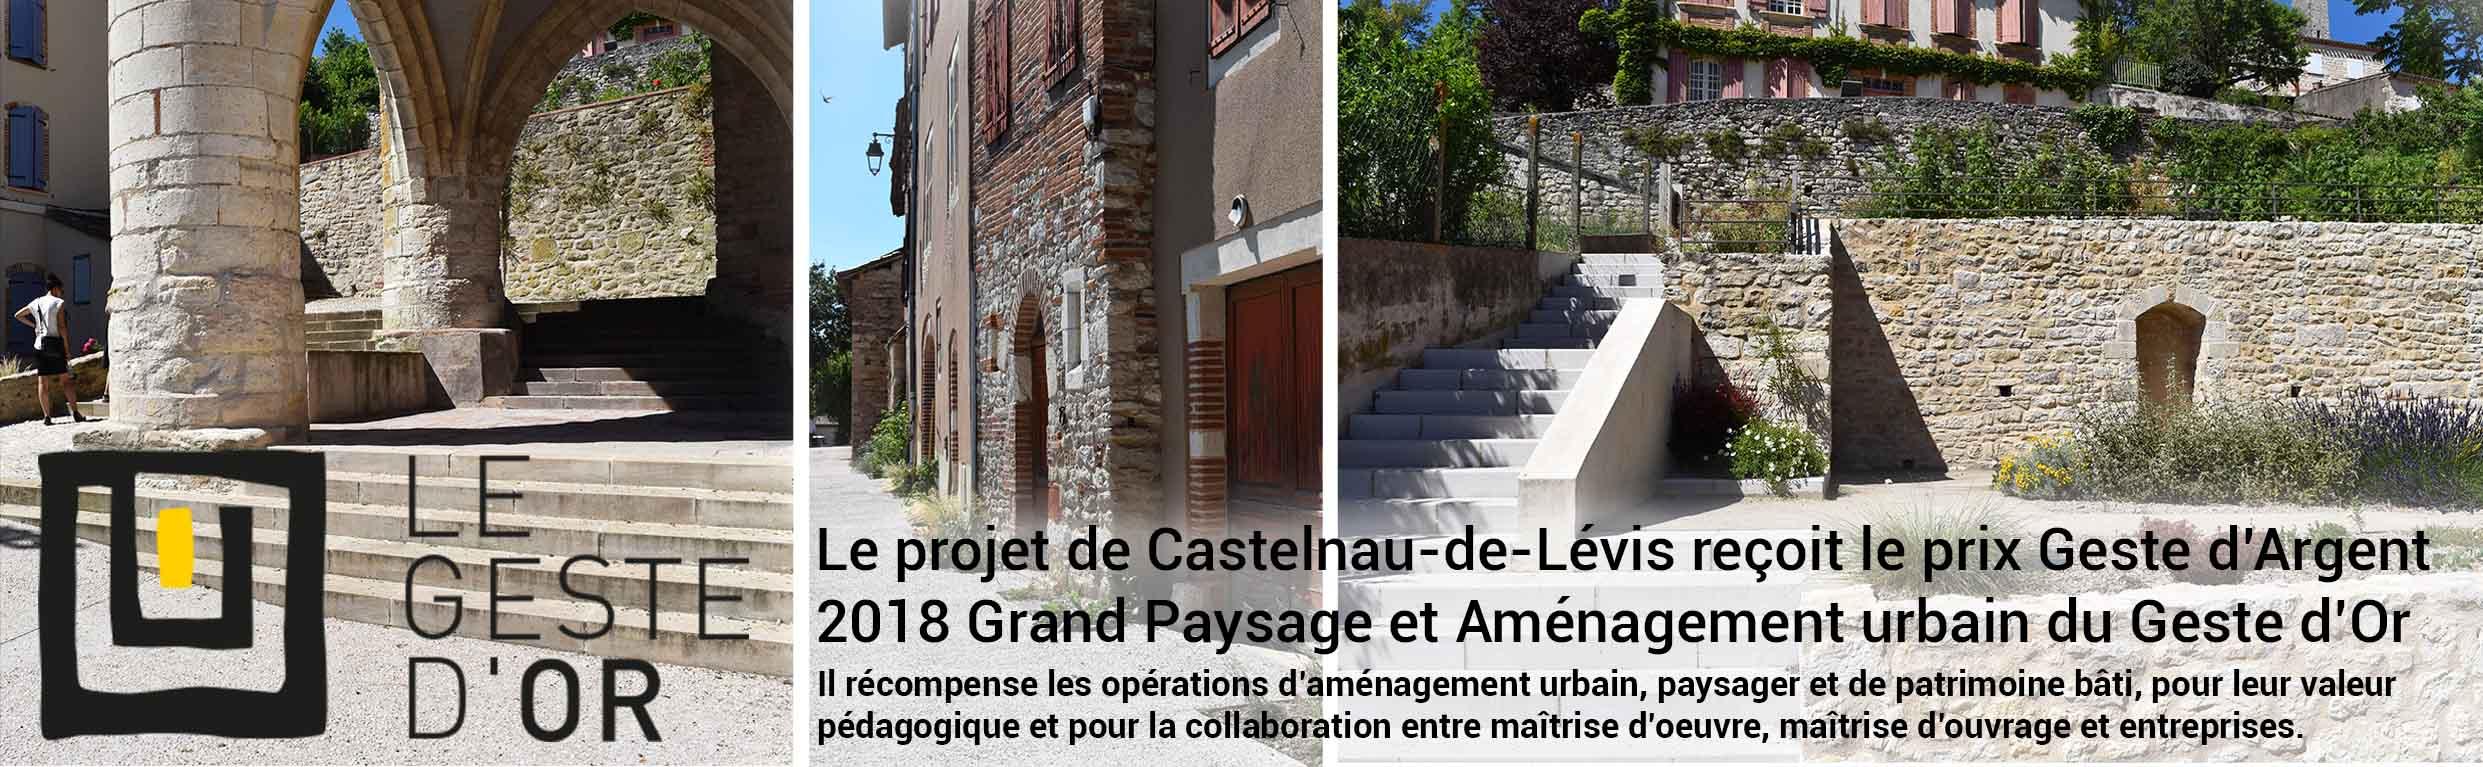 Castelnau Geste d'or